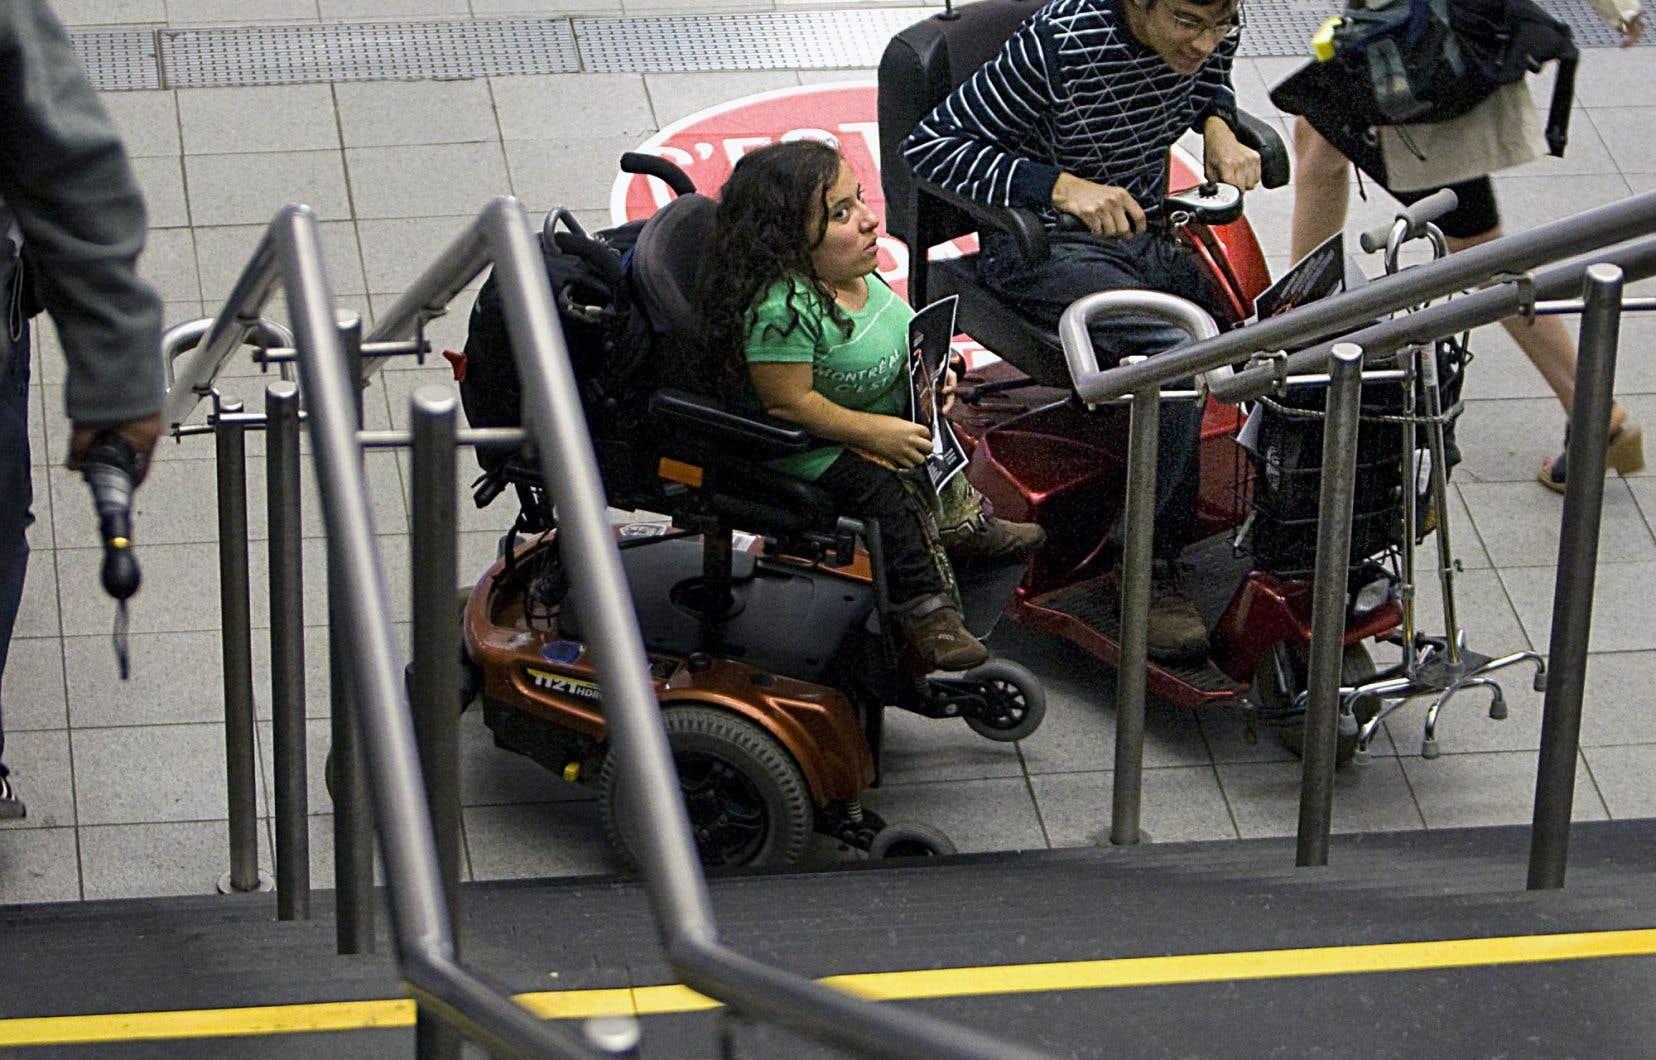 Laurence Parent (notre photo) regrette l'absence d'une loi pour l'accessibilité et les droits des personnes handicapées au Québec.